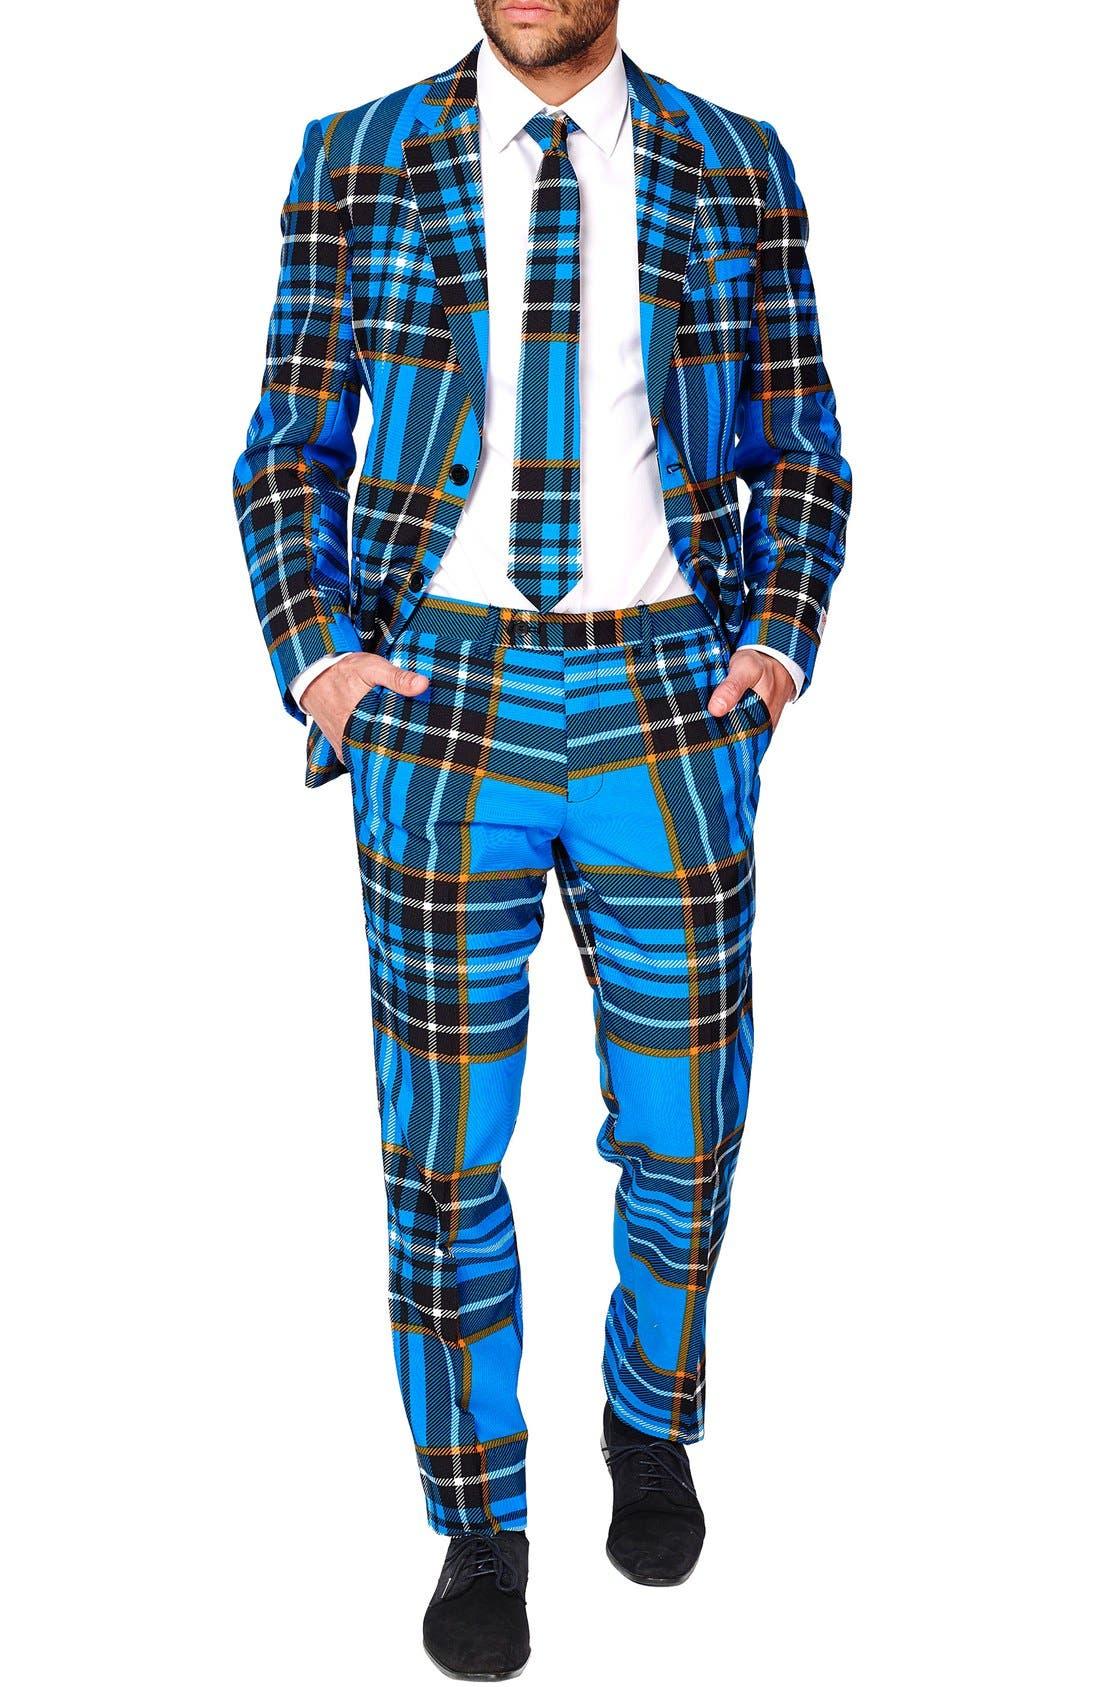 'Braveheart' Trim Fit Suit with Tie,                         Main,                         color, 421